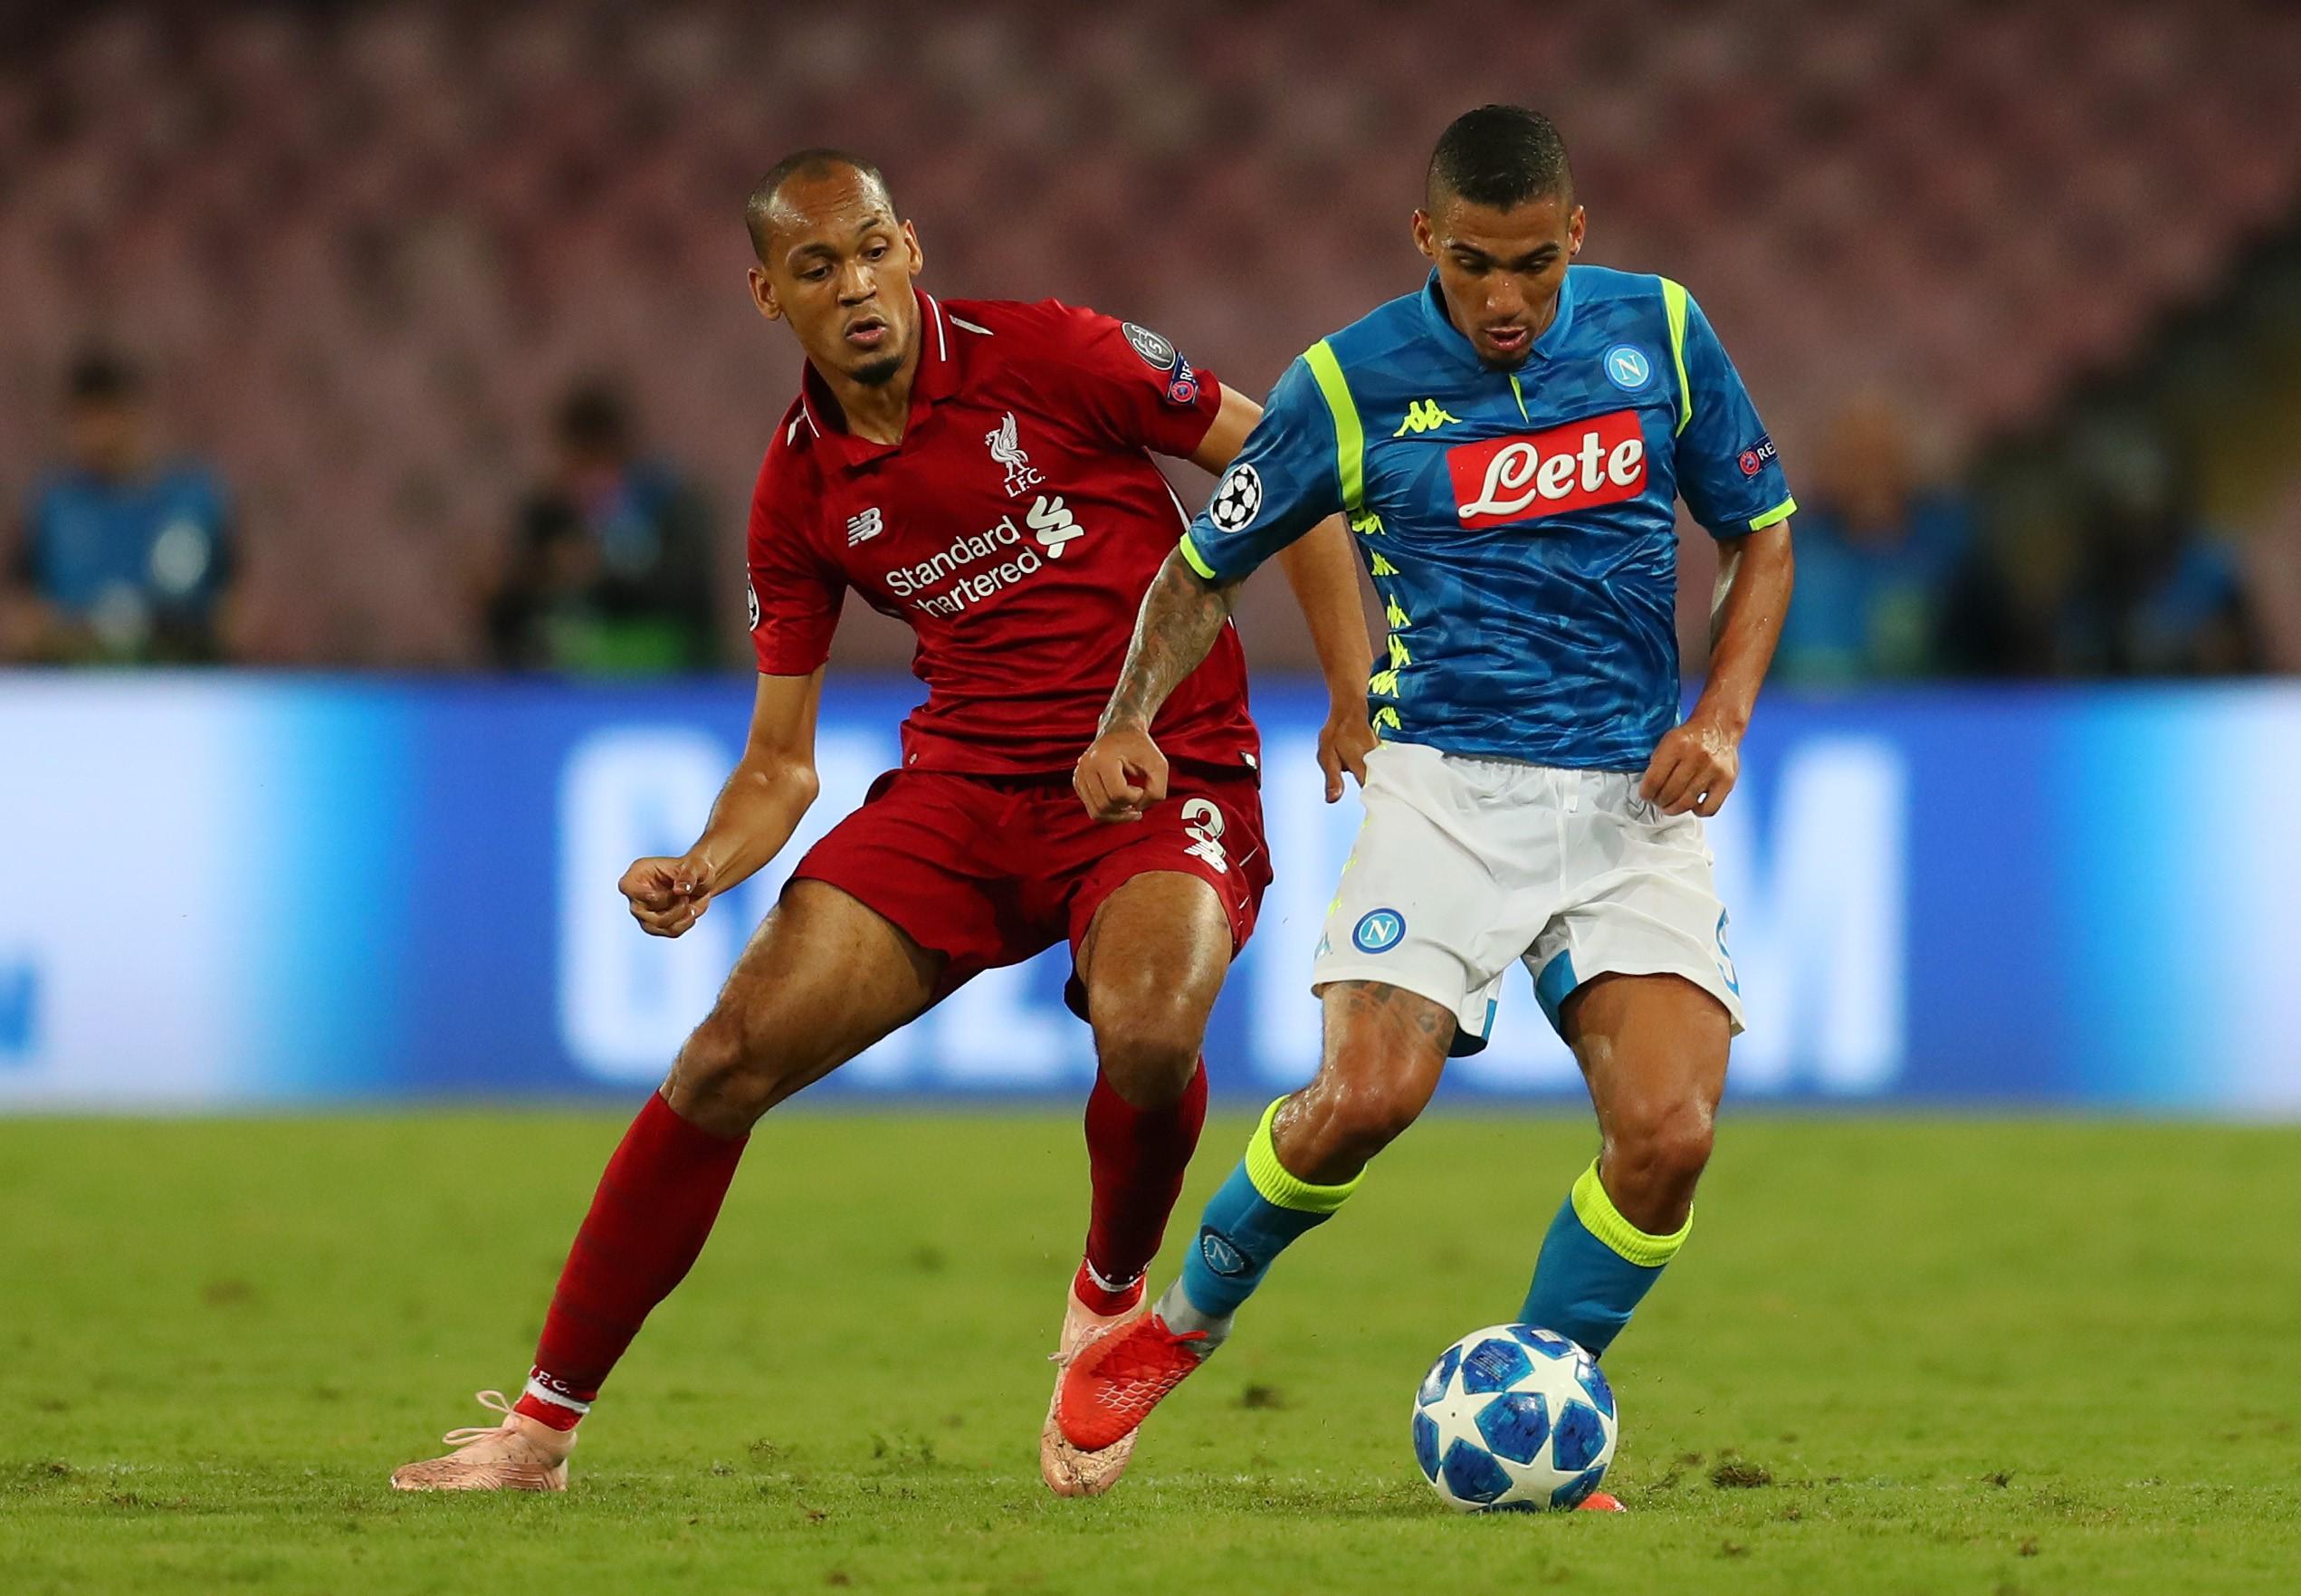 Fabinho lors de la rencontre entre Naples et Liverpoll / Ligue des champions